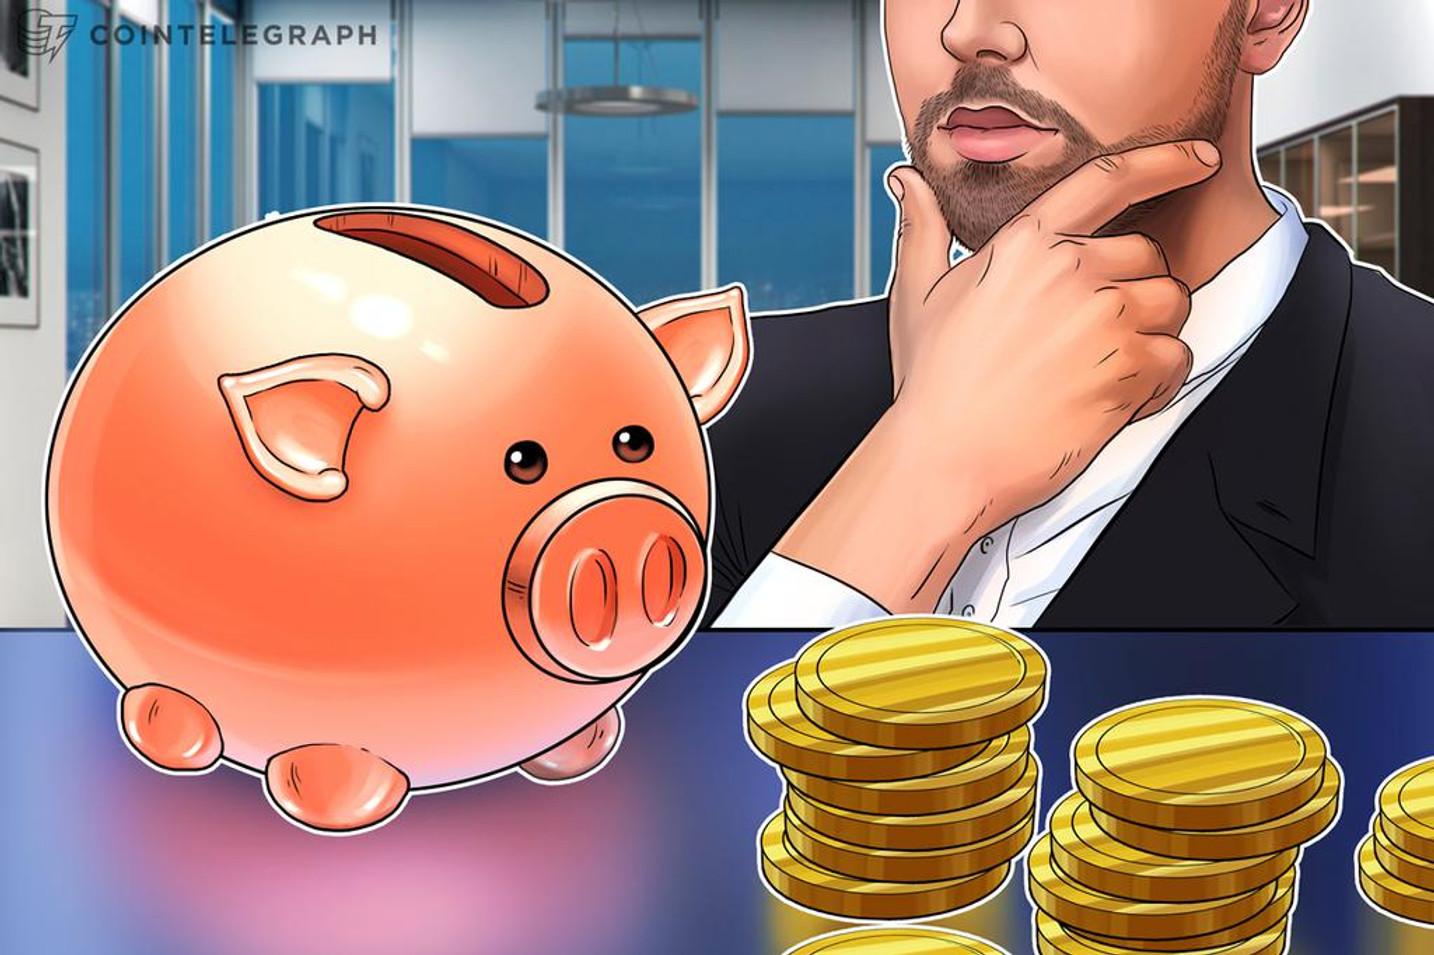 ¡La estrategia maestra!: ¿Invertir o no invertir en Bitcoin? ¿Qué hacer ante las subidas?